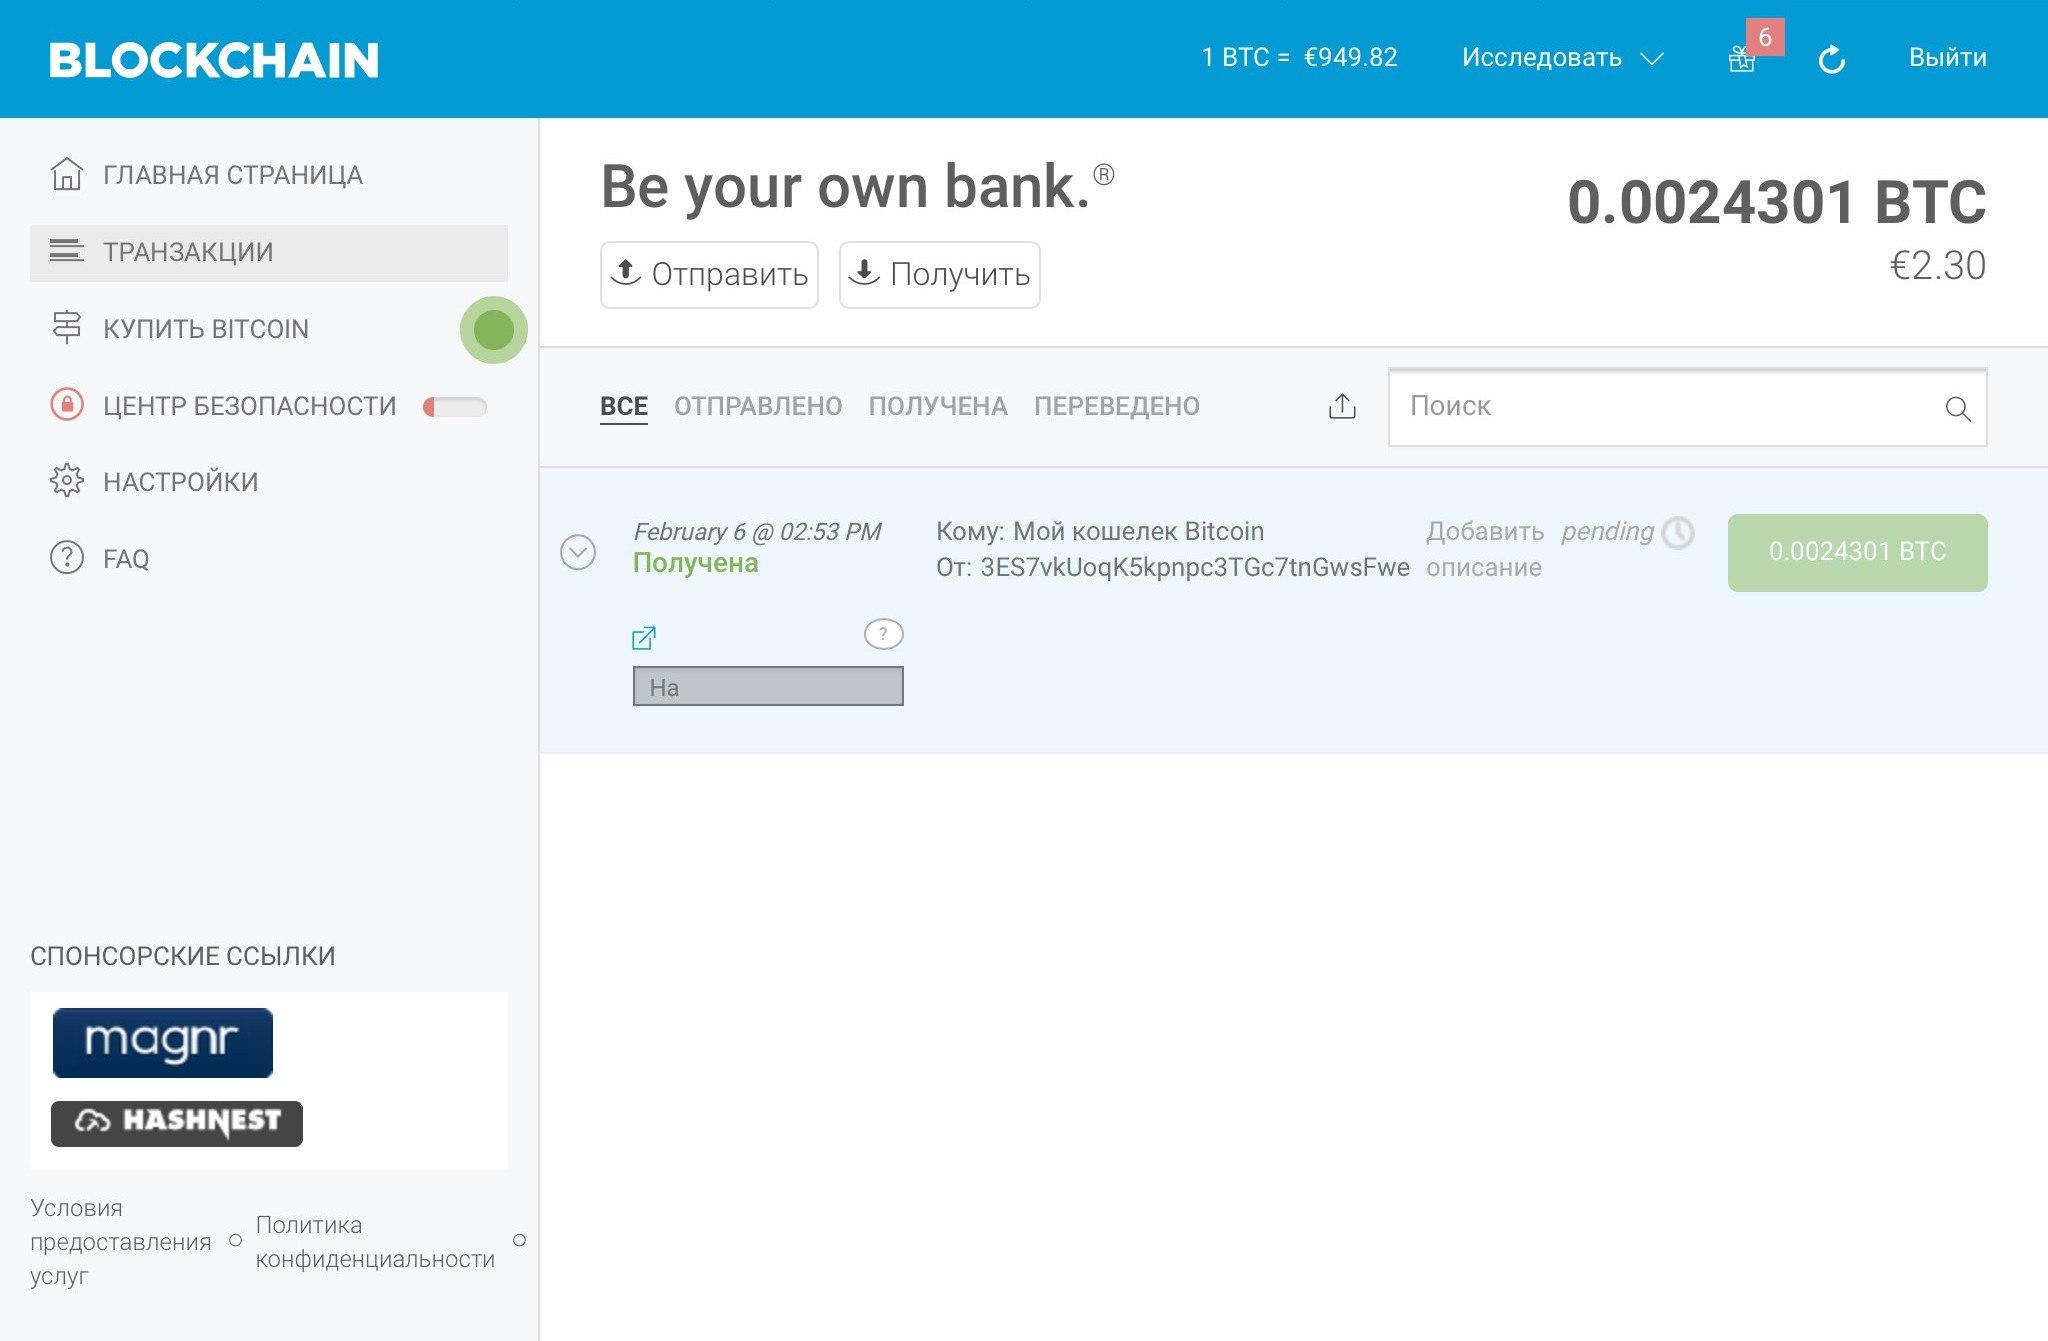 Kassa.cc - единый обмен валюты. Перевод с карты Альфа-Банк на Bitcoin